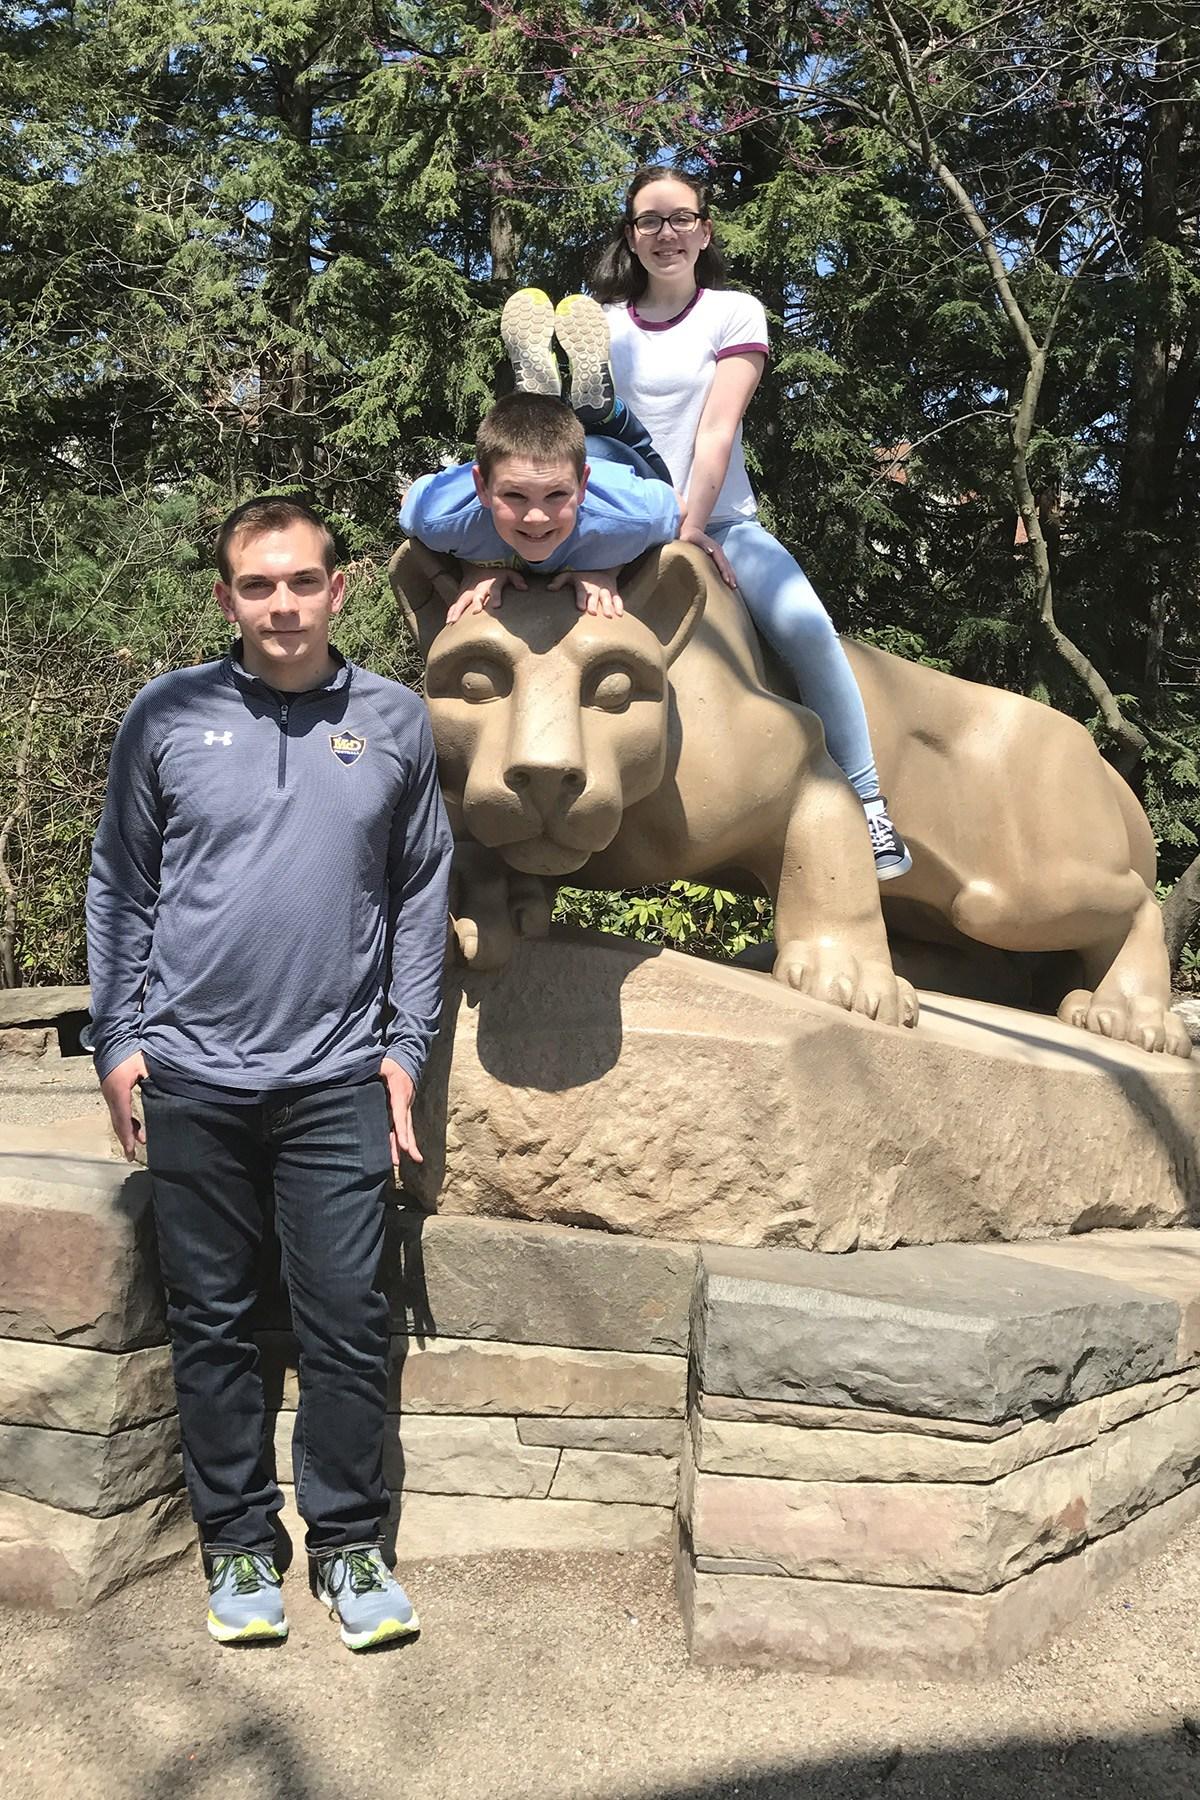 Penn State visit